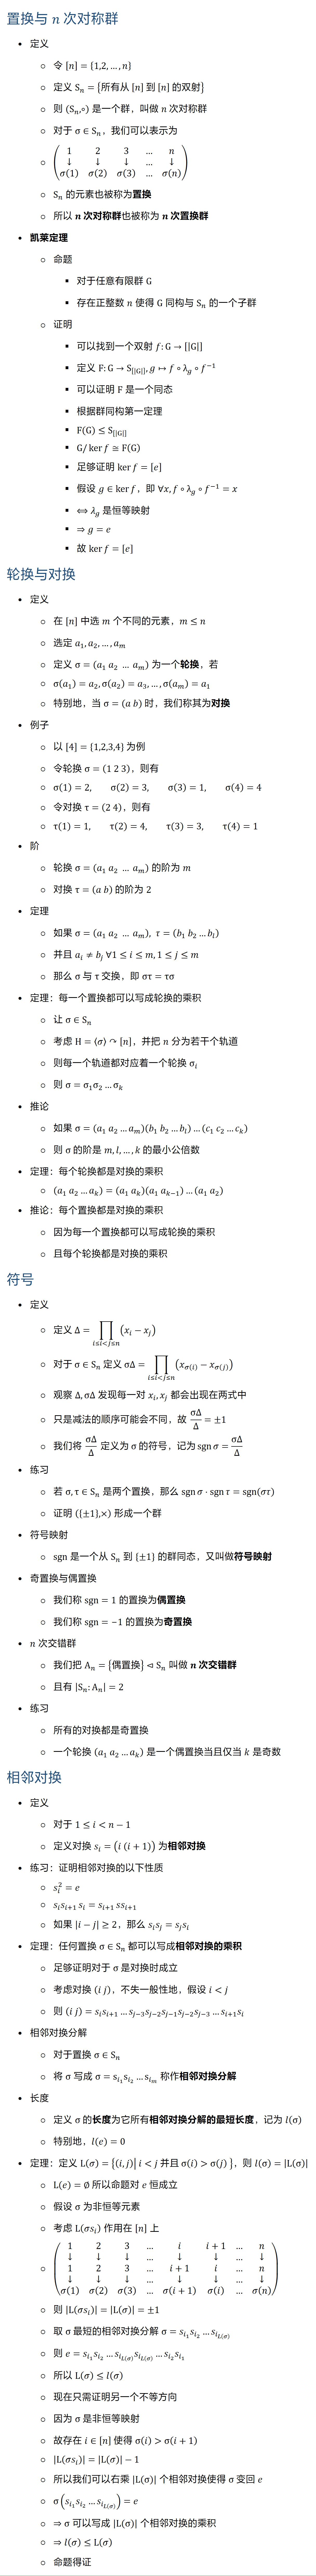 置换与 n 次对称群 • 定义 ○ 令 [n]={1,2,…,n} ○ 定义 S_n={所有从 [n] 到 [n] 的双射} ○ 则 (S_n,∘) 是一个群,叫做 n 次对称群 ○ 对于 σ∈S_n,我们可以表示为 ○ (■8(1&2&3&…&n@↓&↓&↓&…&↓@σ(1)&σ(2)&σ(3)&…&σ(n) )) ○ S_n 的元素也被称为置换 ○ 所以 n 次对称群也被称为 n 次置换群 • 凯莱定理 ○ 命题 § 对于任意有限群 G § 存在正整数 n 使得 G 同构与 S_n 的一个子群 ○ 证明 § 可以找到一个双射 f:G→[|G|] § 定义 F:G→S_[|G|] , g↦f∘λ_g∘f^(−1) § 可以证明 F 是一个同态 § 根据群同构第一定理 § F(G)≤S_[|G|] § G\/kerf≅F(G) § 足够证明 kerf=[e] § 假设 g∈kerf,即 ∀x, f∘λ_g∘f^(−1)=x § ⟺λ_g 是恒等映射 § ⇒g=e § 故 kerf=[e] 轮换与对换 • 定义 ○ 在 [n] 中选 m 个不同的元素,m≤n ○ 选定 a_1,a_2,…,a_m ○ 定义 σ=(a_1 a_2 … a_m ) 为一个轮换,若 ○ σ(a_1 )=a_2, σ(a_2 )=a_3,…,σ(a_m )=a_1 ○ 特别地,当 σ=(a b) 时,我们称其为对换 • 例子 ○ 以 [4]={1,2,3,4} 为例 ○ 令轮换 σ=(1 2 3),则有 ○ σ(1)=2, σ(2)=3, σ(3)=1, σ(4)=4 ○ 令对换 τ=(2 4),则有 ○ τ(1)=1, τ(2)=4, τ(3)=3, τ(4)=1 • 阶 ○ 轮换 σ=(a_1 a_2 … a_m ) 的阶为 m ○ 对换 τ=(a b) 的阶为 2 • 定理 ○ 如果 σ=(a_1 a_2 … a_m ), τ=(b_1 b_2…b_l ) ○ 并且 a_i≠b_j ∀1≤i≤m,1≤j≤m ○ 那么 σ 与 τ 交换,即 στ=τσ • 定理:每一个置换都可以写成轮换的乘积 ○ 让 σ∈S_n ○ 考虑 H=⟨σ⟩↷[n],并把 n 分为若干个轨道 ○ 则每一个轨道都对应着一个轮换 σ_i ○ 则 σ=σ_1 σ_2…σ_k • 推论 ○ 如果 σ=(a_1 a_2…a_m )(b_1 b_2…b_l )…(c_1 c_2…c_k ) ○ 则 σ 的阶是 m,l,…,k 的最小公倍数 • 定理:每个轮换都是对换的乘积 ○ (a_1 a_2…a_k )=(a_1 a_k )(a_1 a_(k−1) )…(a_1 a_2 ) • 推论:每个置换都是对换的乘积 ○ 因为每一个置换都可以写成轮换的乘积 ○ 且每个轮换都是对换的乘积 符号 • 定义 ○ 定义 Δ=∏8_(i≤ij≤n)▒(x_i−x_j ) ○ 对于 σ∈S_n 定义 σΔ=∏8_(i≤ij≤n)▒(x_σ(i) −x_σ(j) ) ○ 观察 Δ, σΔ 发现每一对 x_i,x_j 都会出现在两式中 ○ 只是减法的顺序可能会不同 ○ 我们将 σΔ/Δ 定义为 σ 的符号,记为sgnσ=σΔ/Δ • 练习 ○ 若 σ,τ∈S_n 是两个置换,那么 sgnσ⋅sgnτ=sgn(στ) ○ 证明 ({±1},×) 形成一个群 • 符号映射 ○ sgn 是一个从 S_n 到 {±1} 的群同态,又叫做符号映射 • 奇置换与偶置换 ○ 我们称 sgn=1 的置换为偶置换 ○ 我们称 sgn=−1 的置换为奇置换 • n 次交错群 ○ 我们把 A_n={偶置换}⊲S_n 叫做 n 次交错群 ○ 且有 |S_n:A_n |=2 • 练习 ○ 所有的对换都是奇置换 ○ 一个轮换 (a_1 a_2…a_k ) 是一个偶置换当且仅当 k 是奇数 相邻对换 • 定义 ○ 对于 1≤in−1 ○ 定义对换 s_i=(i (i+1)) 为相邻对换 • 练习:证明相邻对换的以下性质 ○ s_i^2=e ○ s_i s_(i+1 ) s_i=s_(i+1 ) ss_(i+1) ○ 如果 |i−j|≥2,那么 s_i s_j=s_j s_i • 定理:任何置换 σ∈S_n 都可以写成相邻对换的乘积 ○ 足够证明对于 σ 是对换时成立 ○ 考虑对换 (i j),不失一般性地,假设 ij ○ 则 (i j)=s_i s_(i+1)…s_(j−3) s_(j−2) s_(j−1) s_(j−2) s_(j−3)…s_(i+1) s_i • 相邻对换分解 ○ 对于置换 σ∈S_n ○ 将 σ 写成 σ=s_(i_1 ) s_(i_2 )…s_(i_m ) 称作相邻对换分解 • 长度 ○ 定义 σ 的长度为它所有相